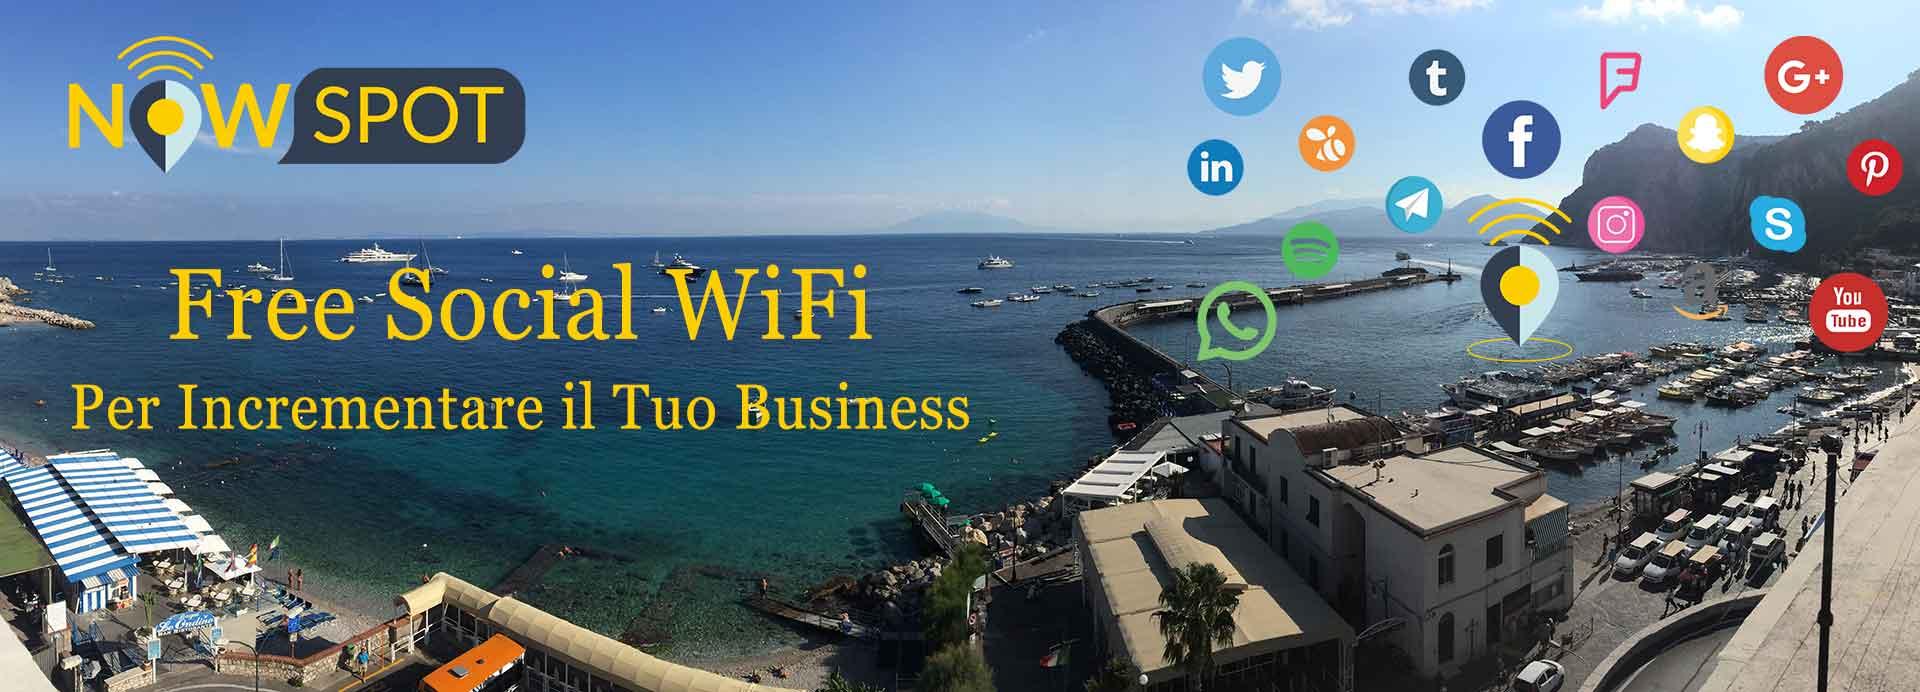 Nowspot Free Social WiFi